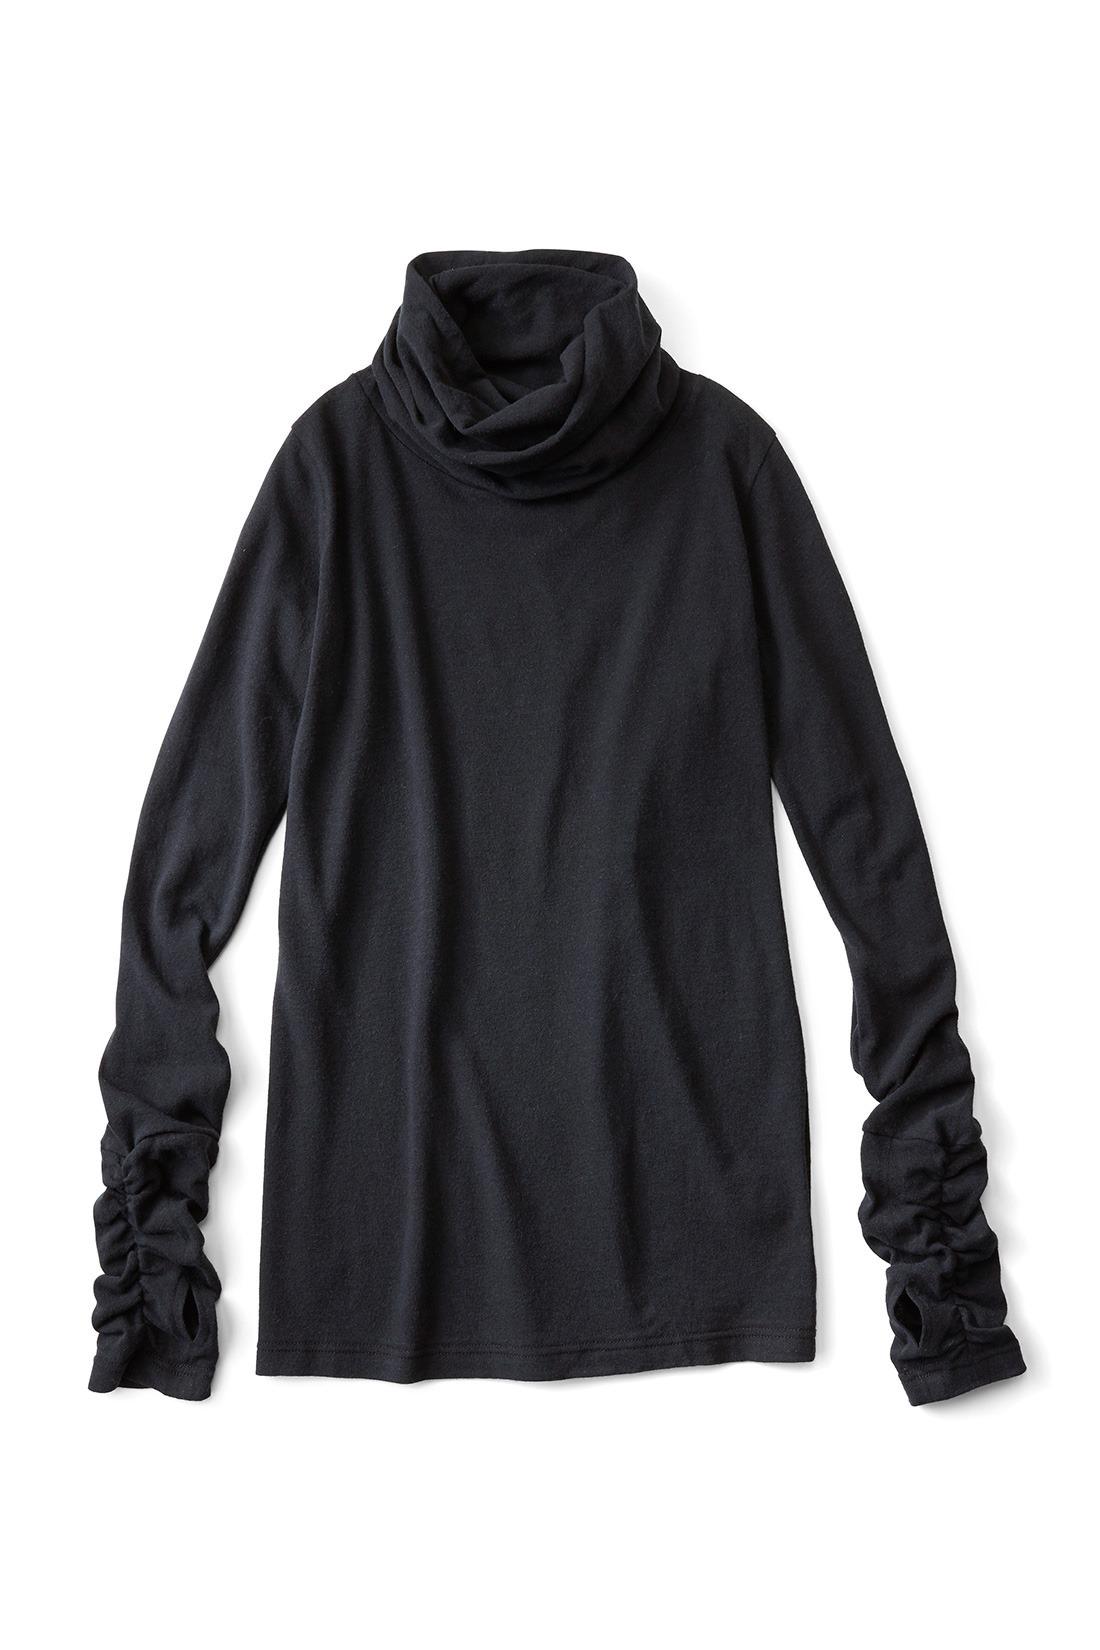 着まわし力抜群〈ブラック〉 着映えも小顔もかなえるタートル ボリュームのあるタートルデザインが小顔見せもこなれ感もかなえます。